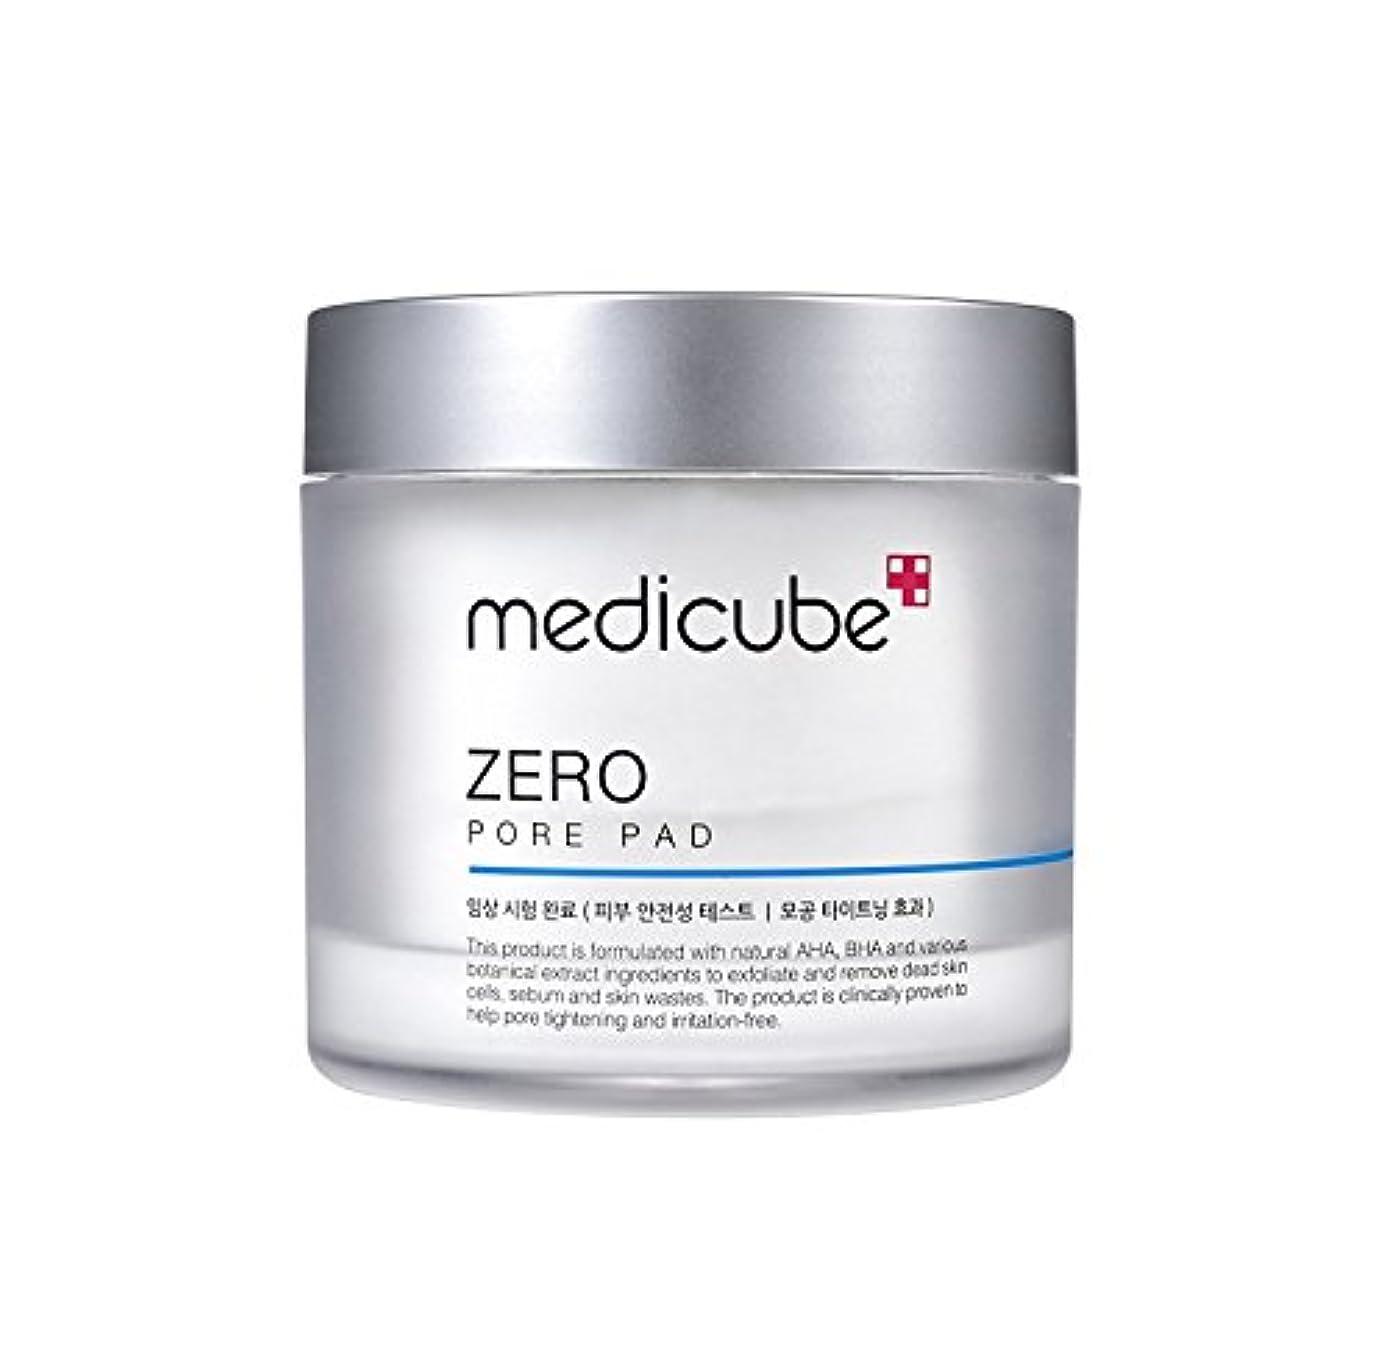 姿勢削減スロー[Medicube]Zero Pore Pad / ゼロ毛穴パッド / 正品?海外直送商品 [並行輸入品]